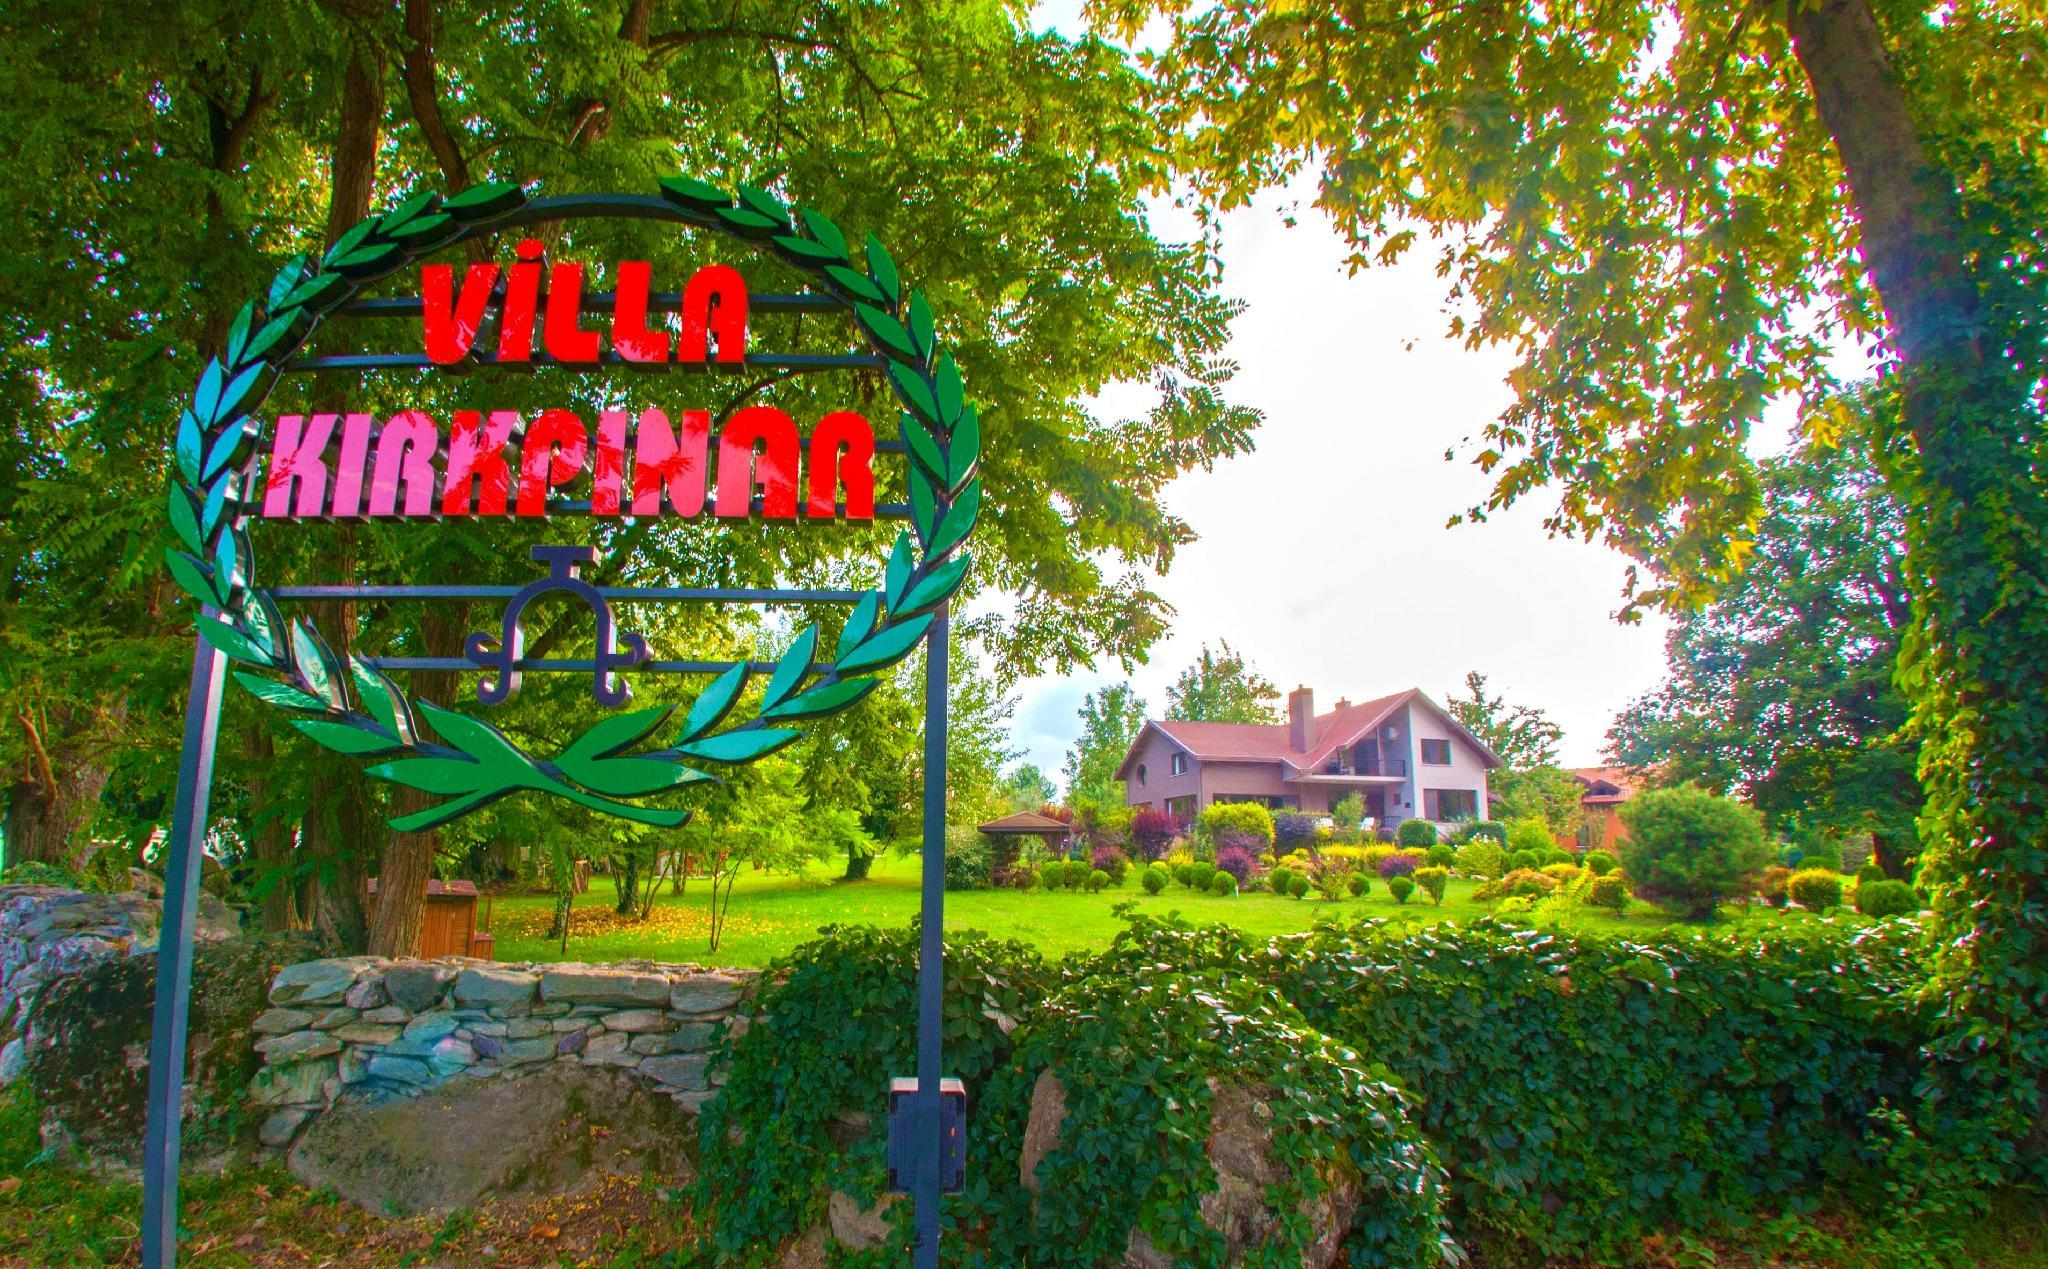 Villa Kirkpinar